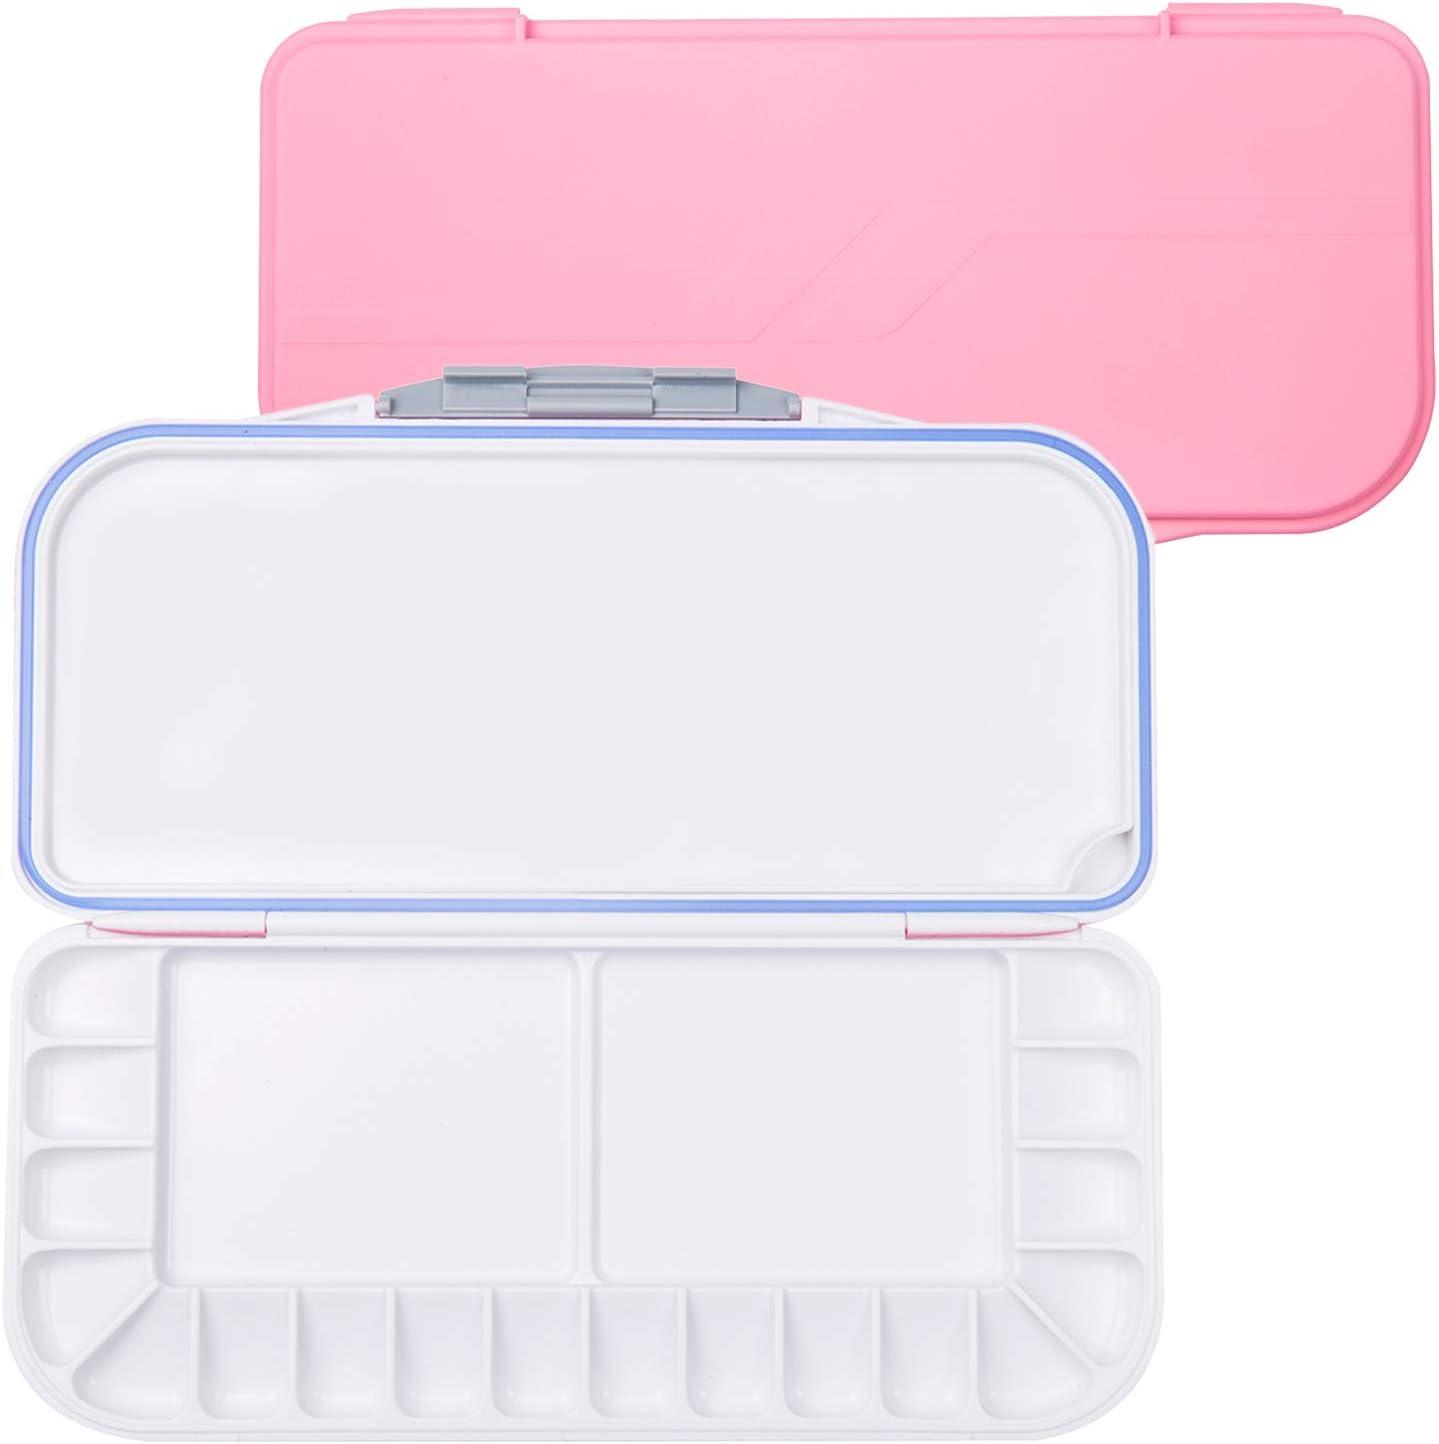 18-Wells Watercolor Paint Palette,Premium Moisturizing Foldable Travel Portable Folding Paint Palette Box Pink, 18-Wells